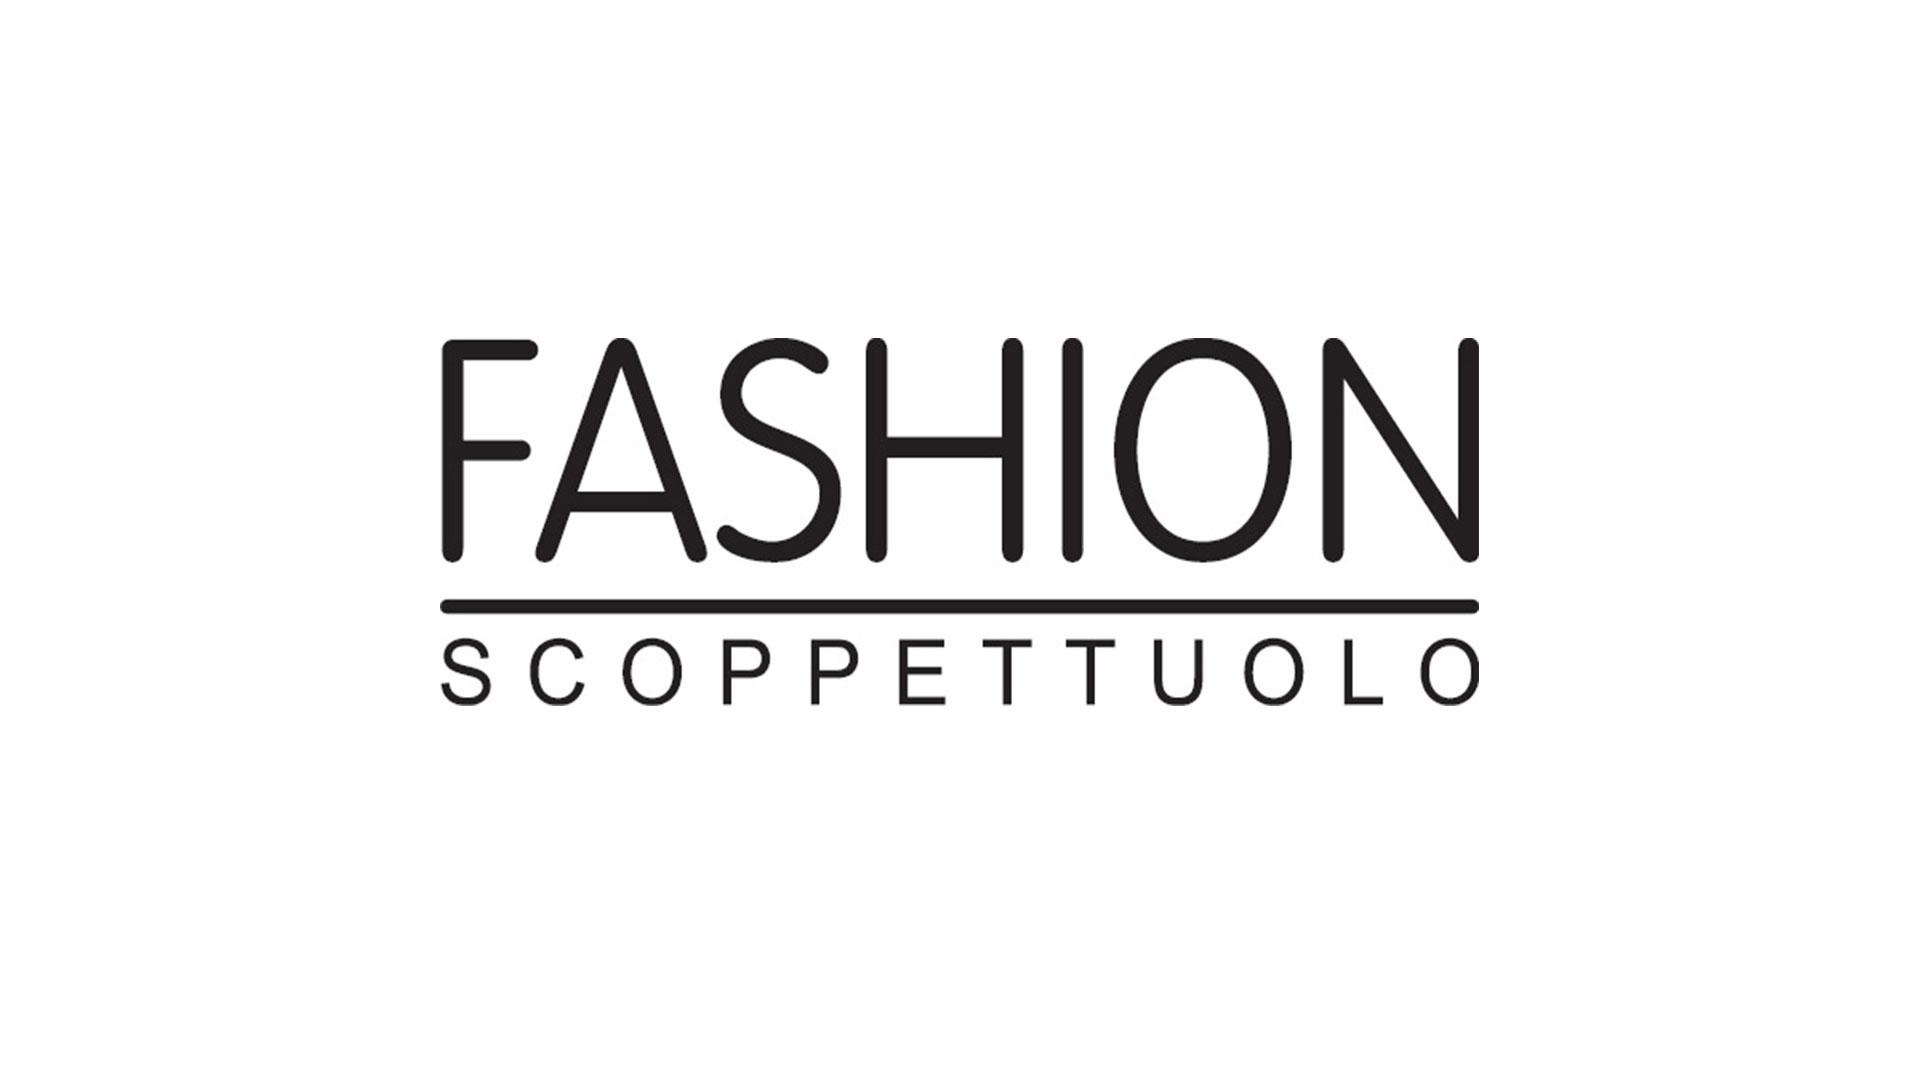 Fashion Scoppettuolo